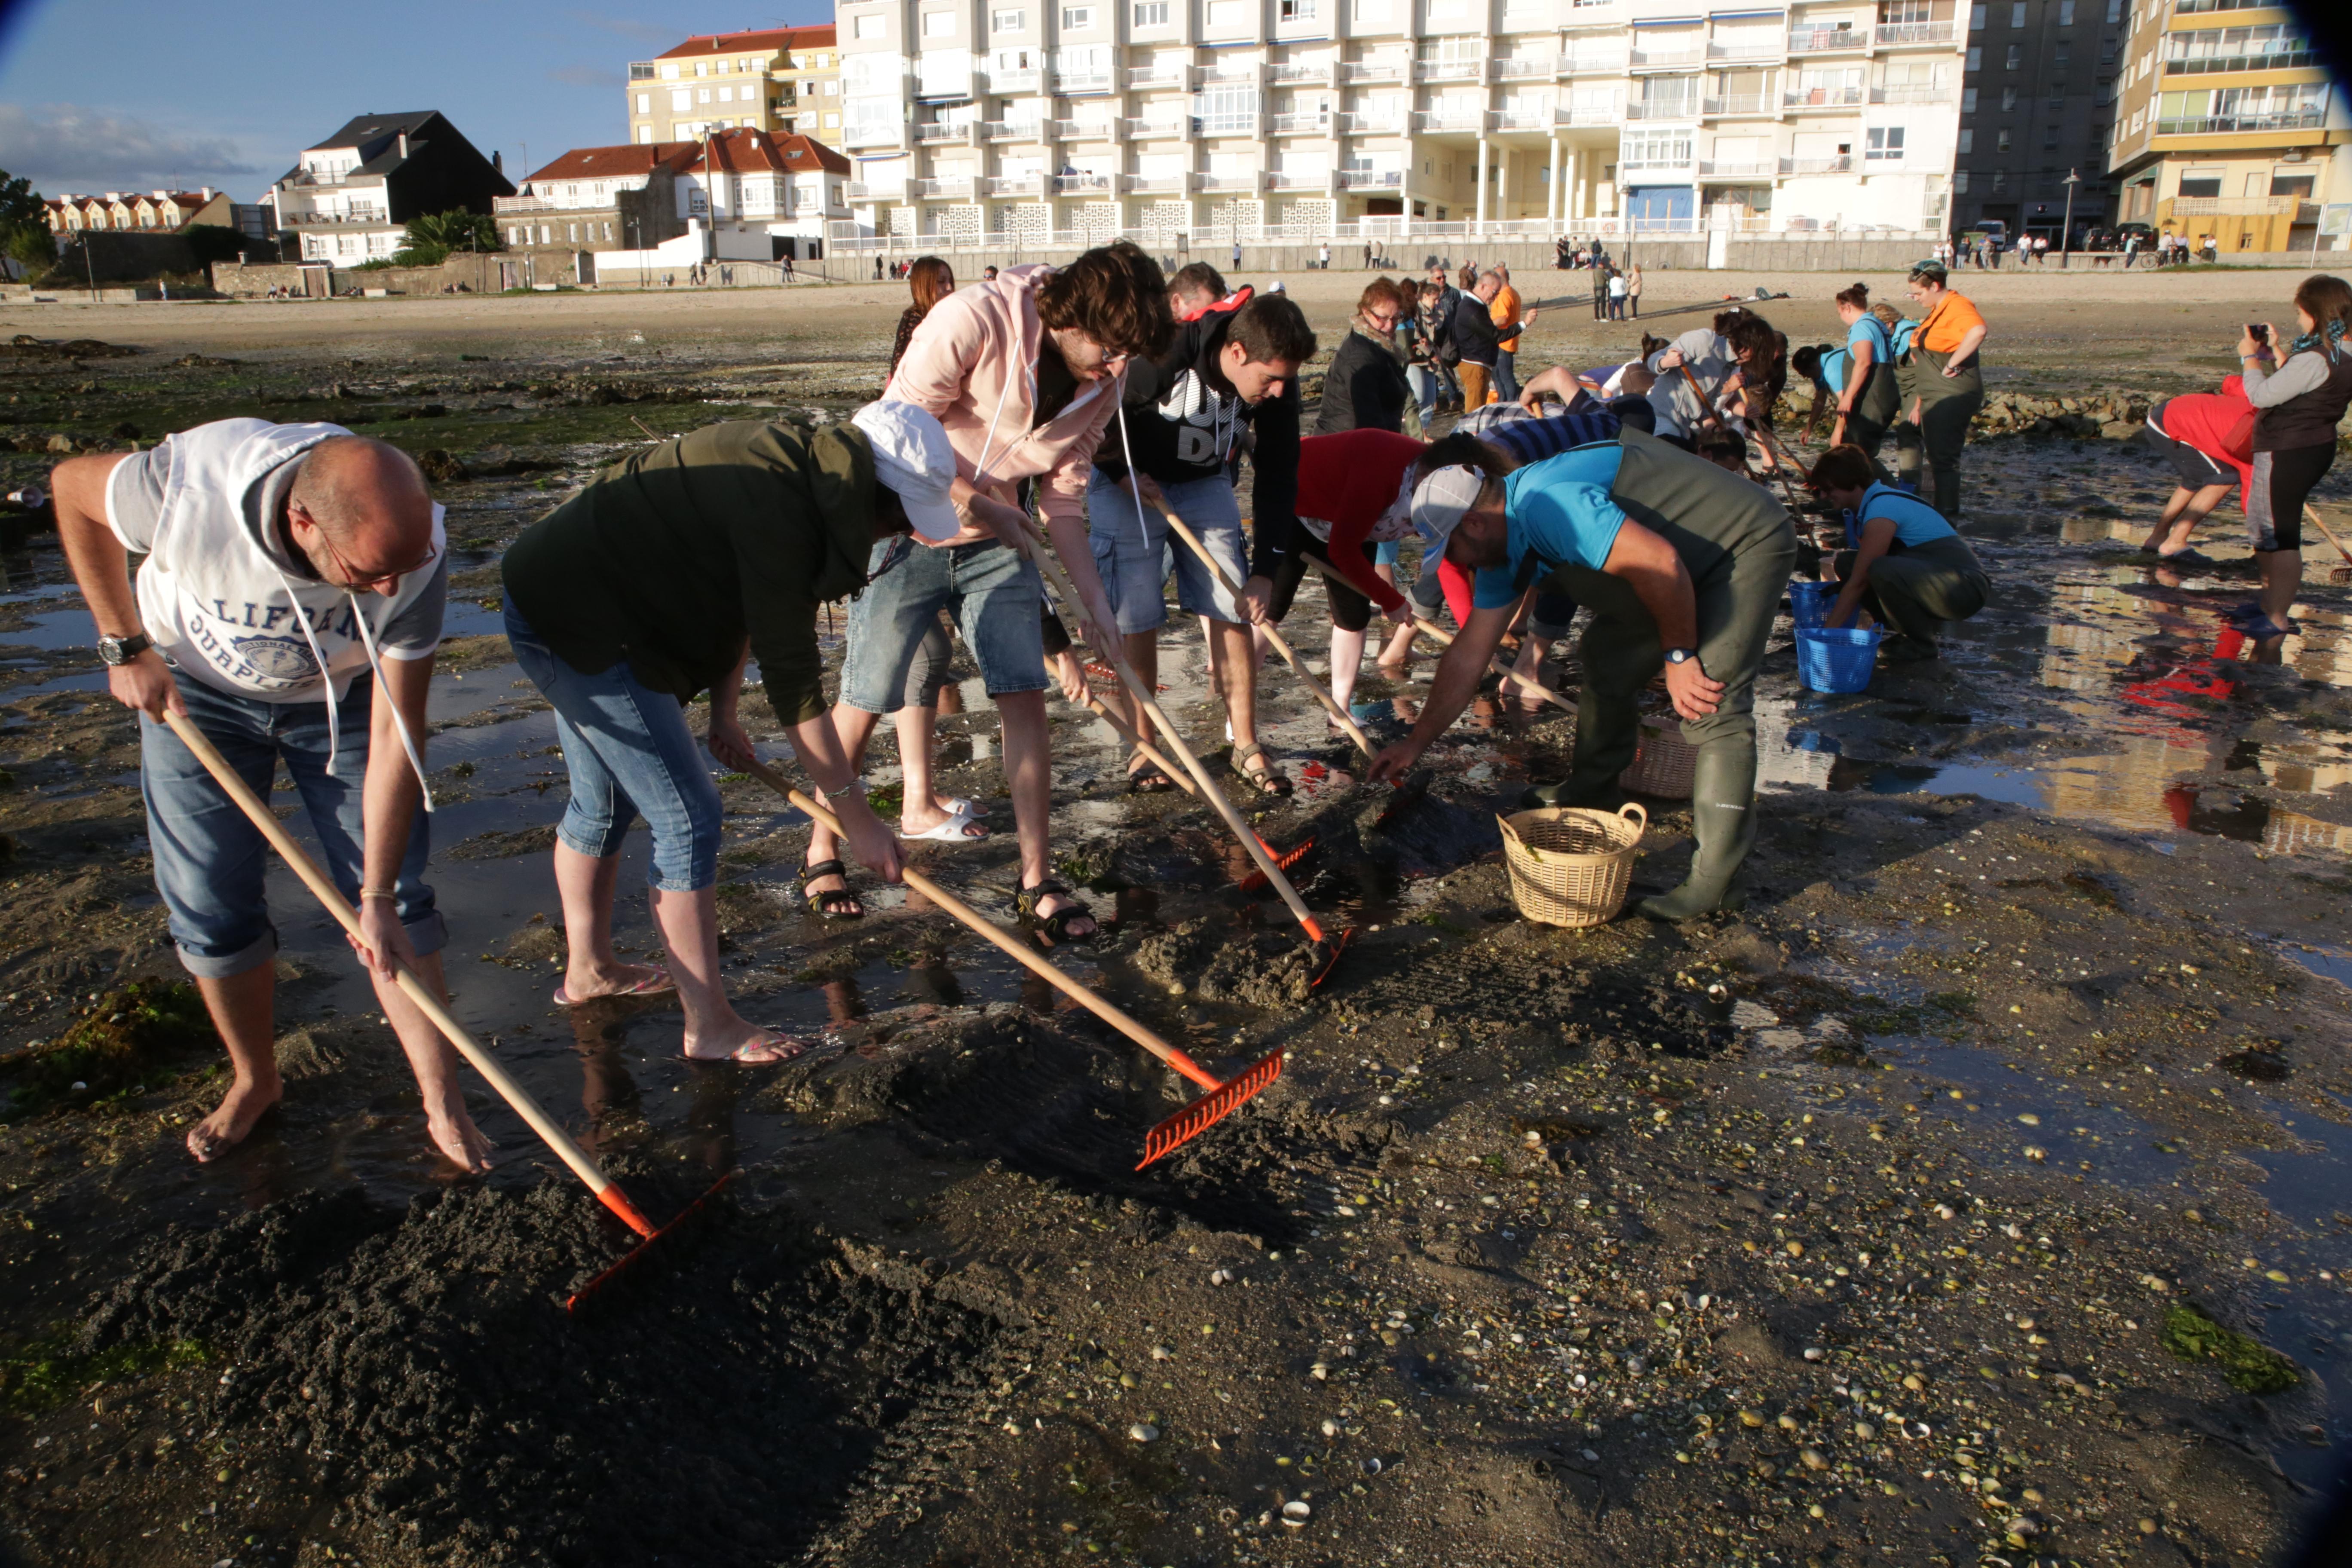 Grupo practicando el marisqueo Amarcarril